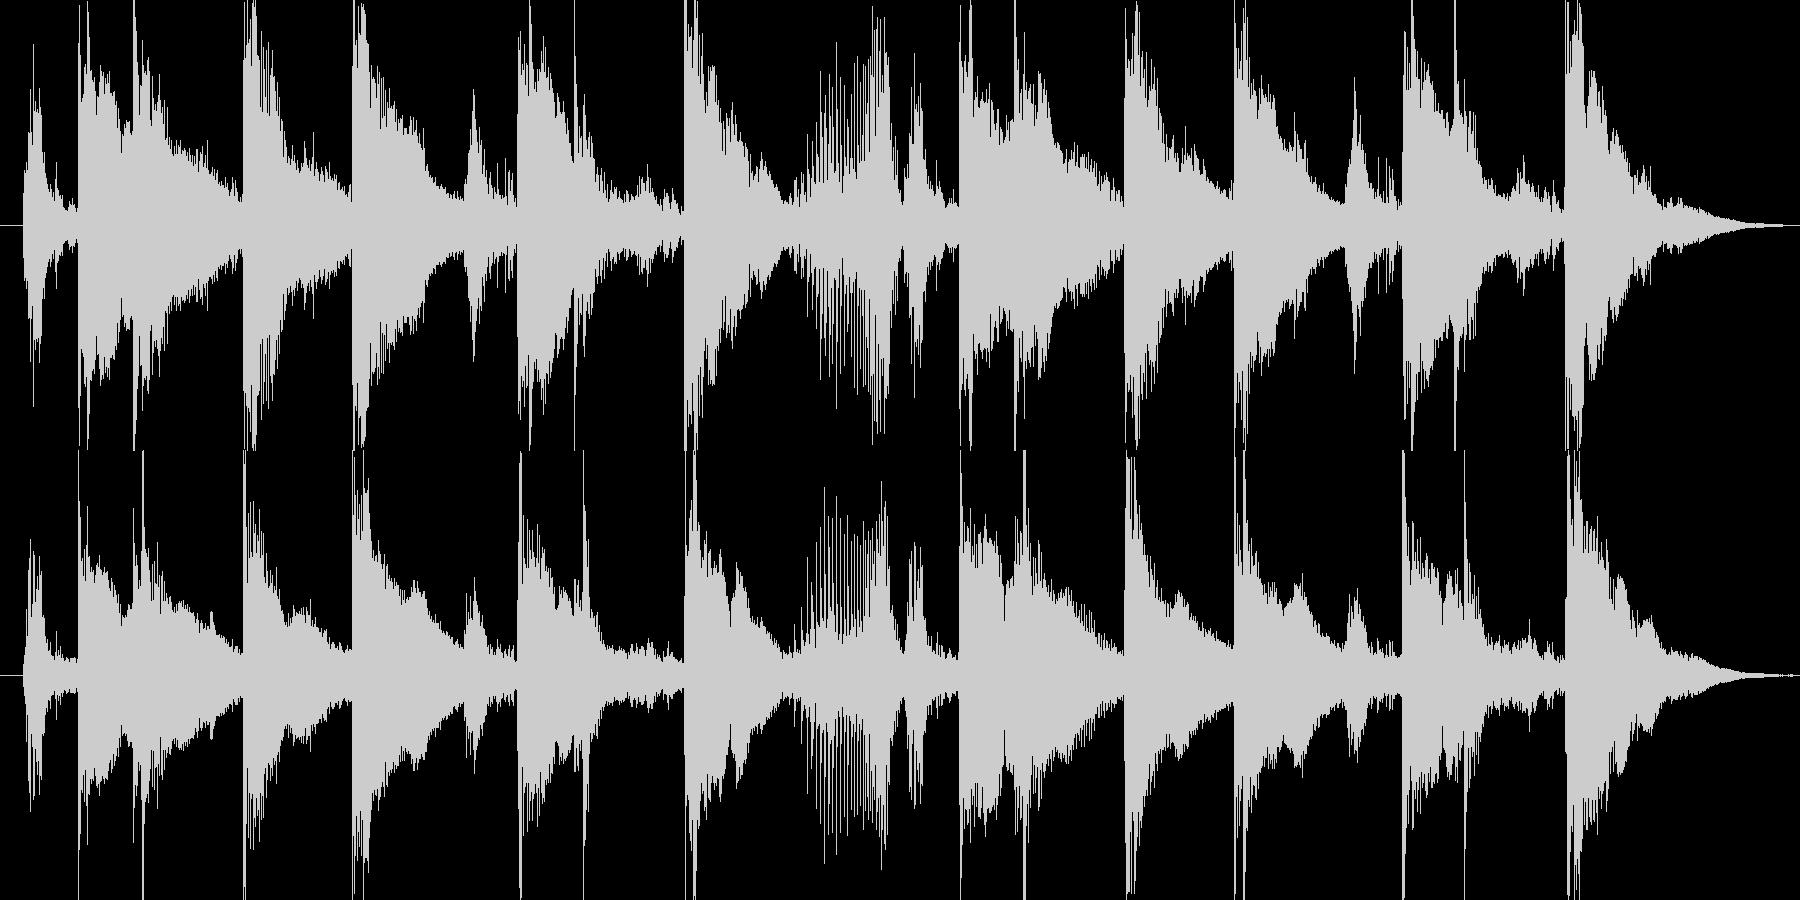 南国感のあるパーカッション主体のジングルの未再生の波形